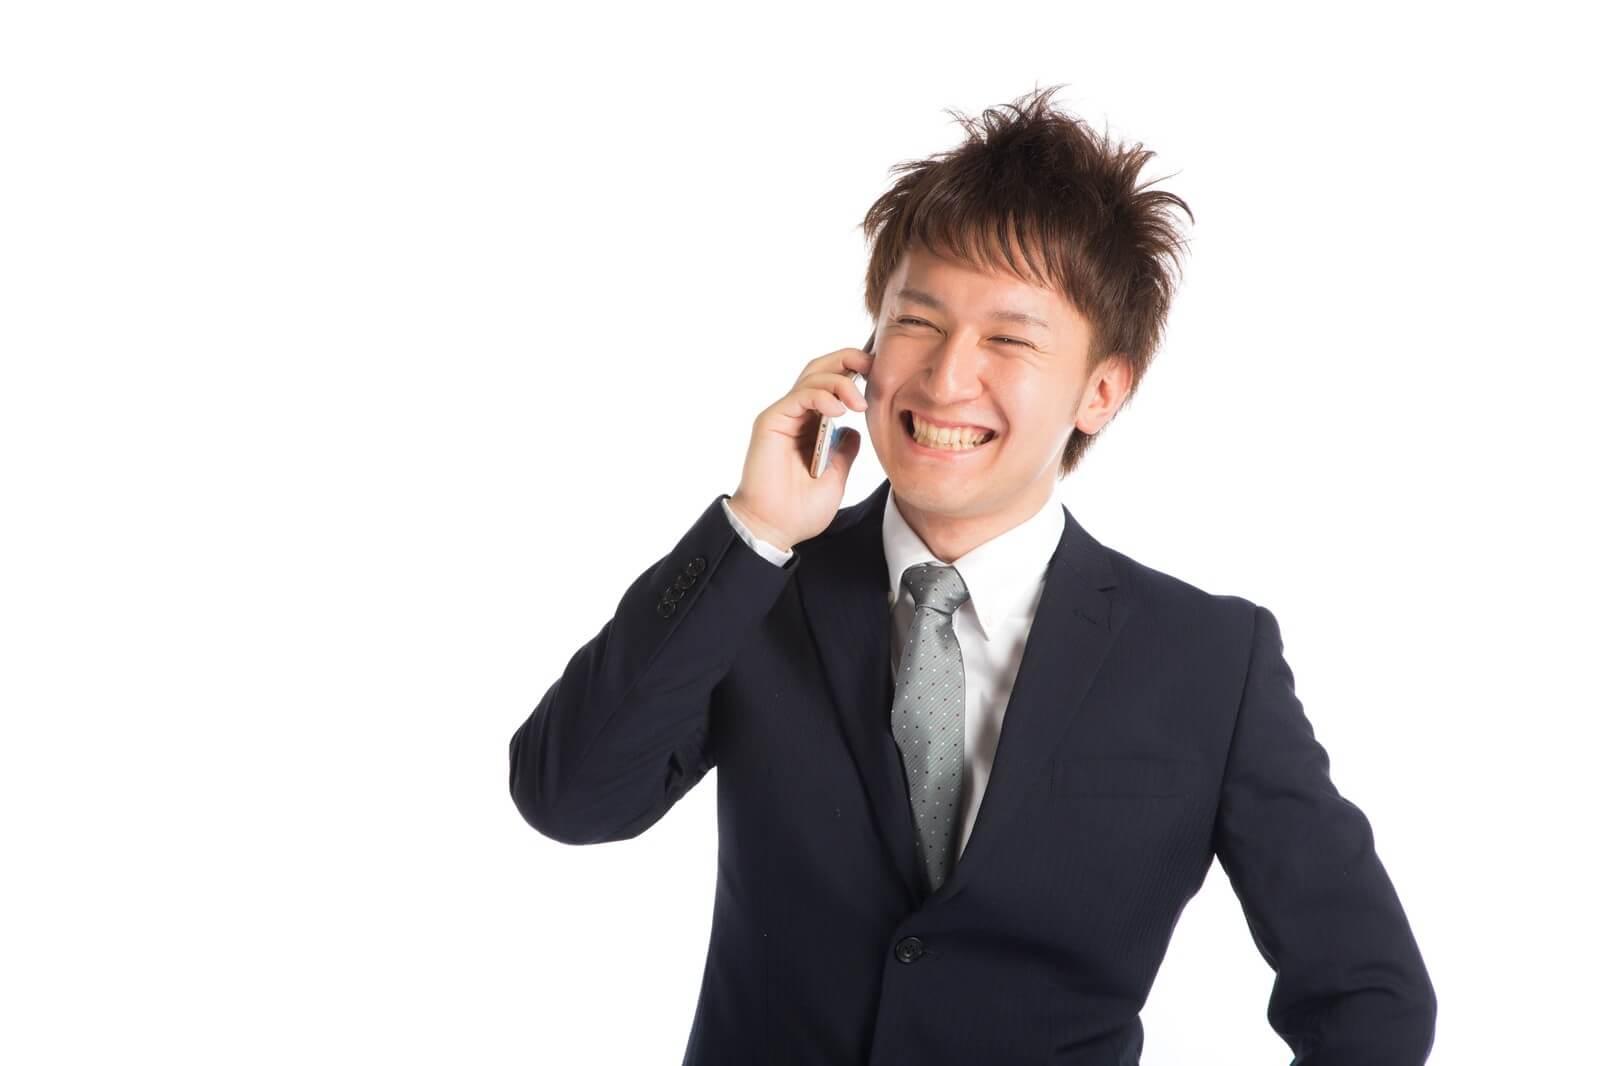 格安スマホで電話する男性